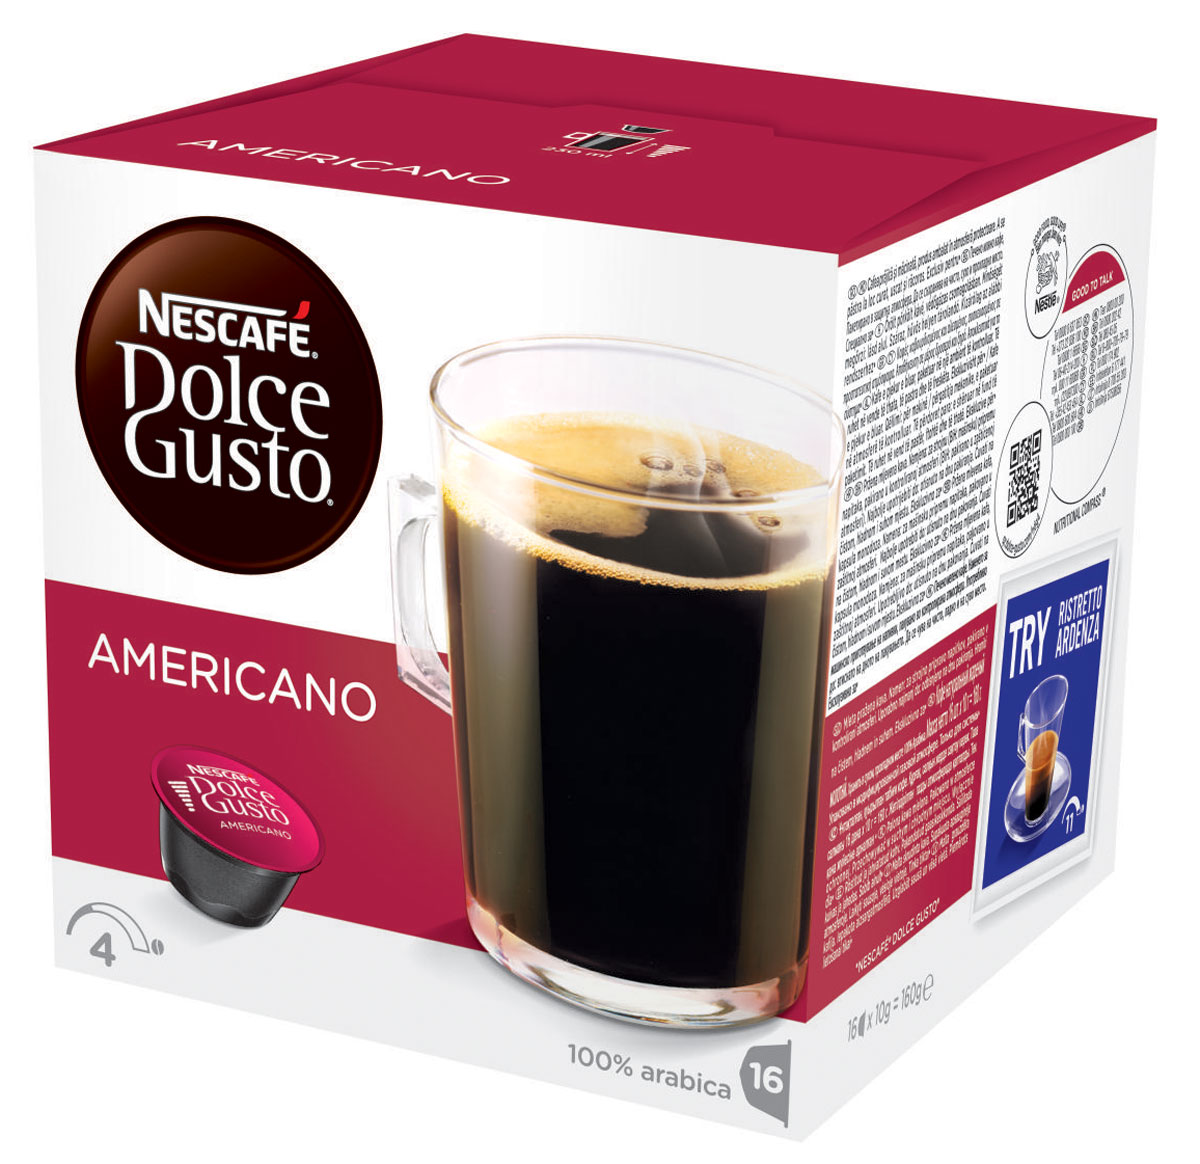 Nescafe Dolce Gusto Americano кофе в капсулах, 16 шт12115461Nescafe Dolce Gusto Americano – просто обжаренный и перемолотый кофе, но это не должно вводить вас в заблуждение. Это стильная мягкая композиция, которой можно наслаждаться в любое время дня. Приготовленный из отборных обжаренных кофейных зерен американо можно подавать с молоком или без него, чтобы получить вкус свежеприготовленного кофе в любом виде, который вам нравится.Легкая прожарка простого, но надежного купажа из 100% зерен Арабики делает капсульный кофе американо чуть менее насыщенным, чем лунго или гранде, но все еще с тем же вкусом из кофейни, который вы любите. Идеальный для удачного начала дня, подавайте его в большой чашке, чтобы полностью насладиться ароматом.